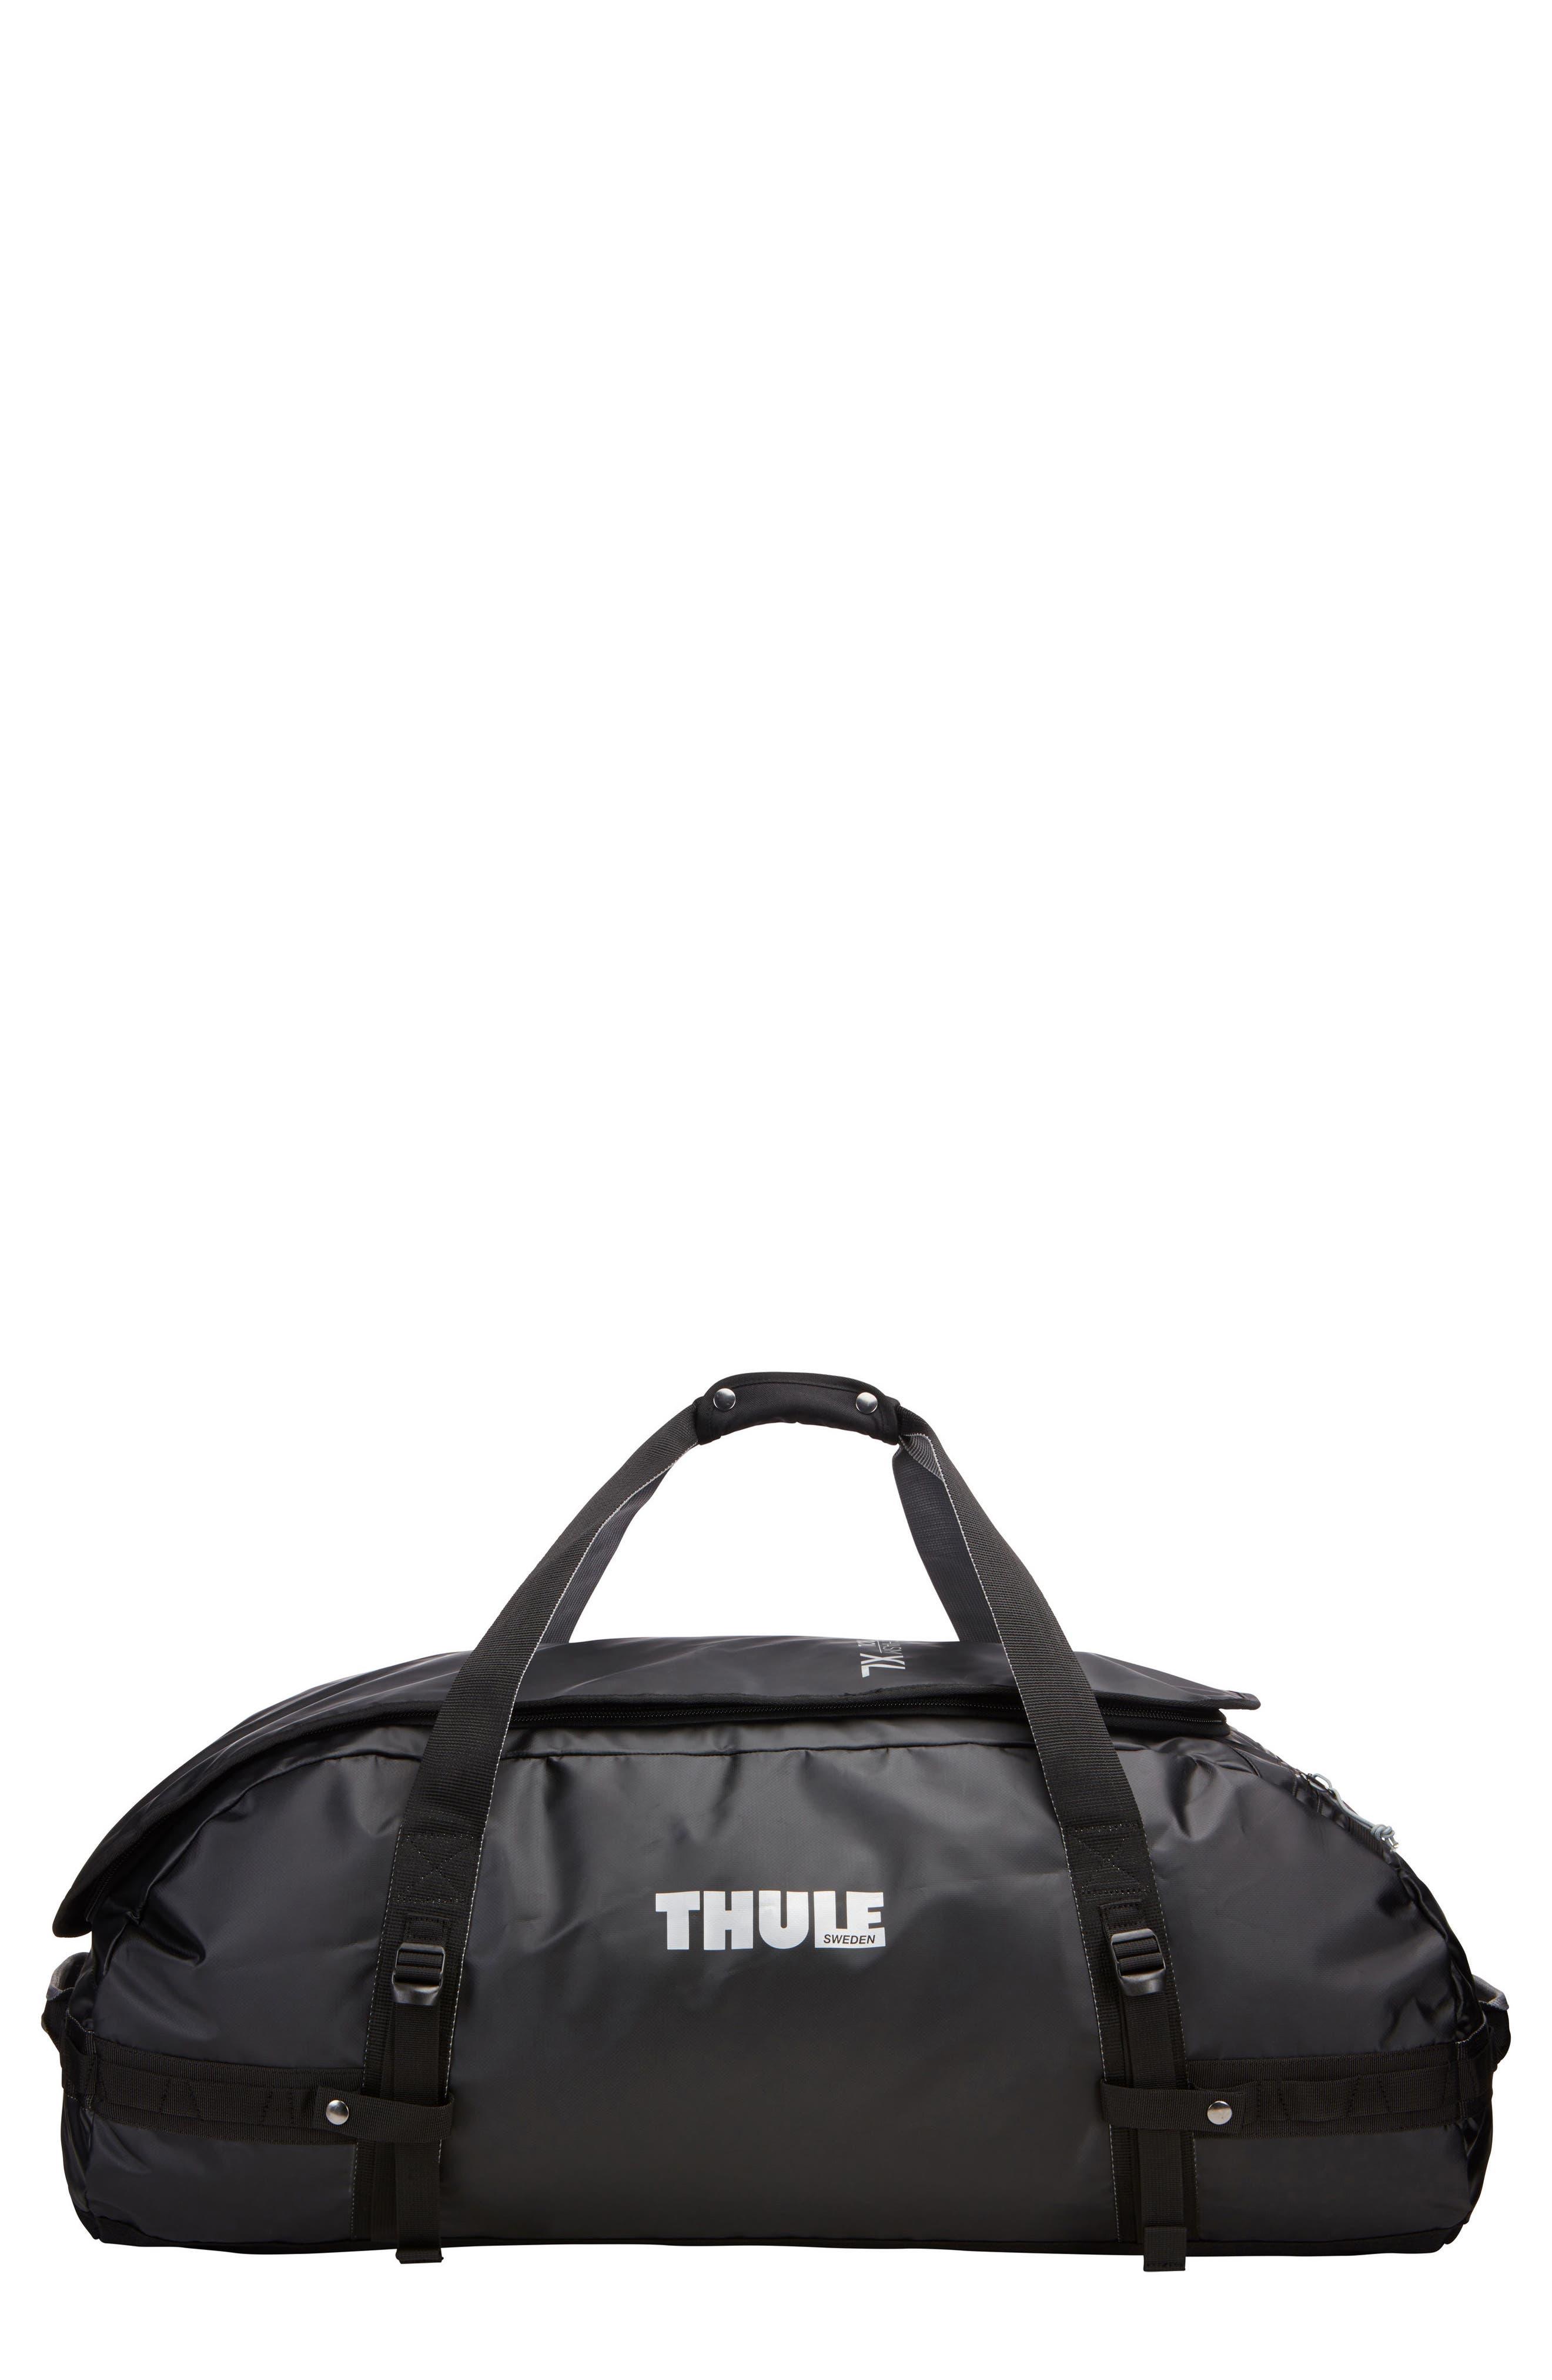 Chasm 130-Liter Convertible Duffel Bag,                         Main,                         color, BLACK